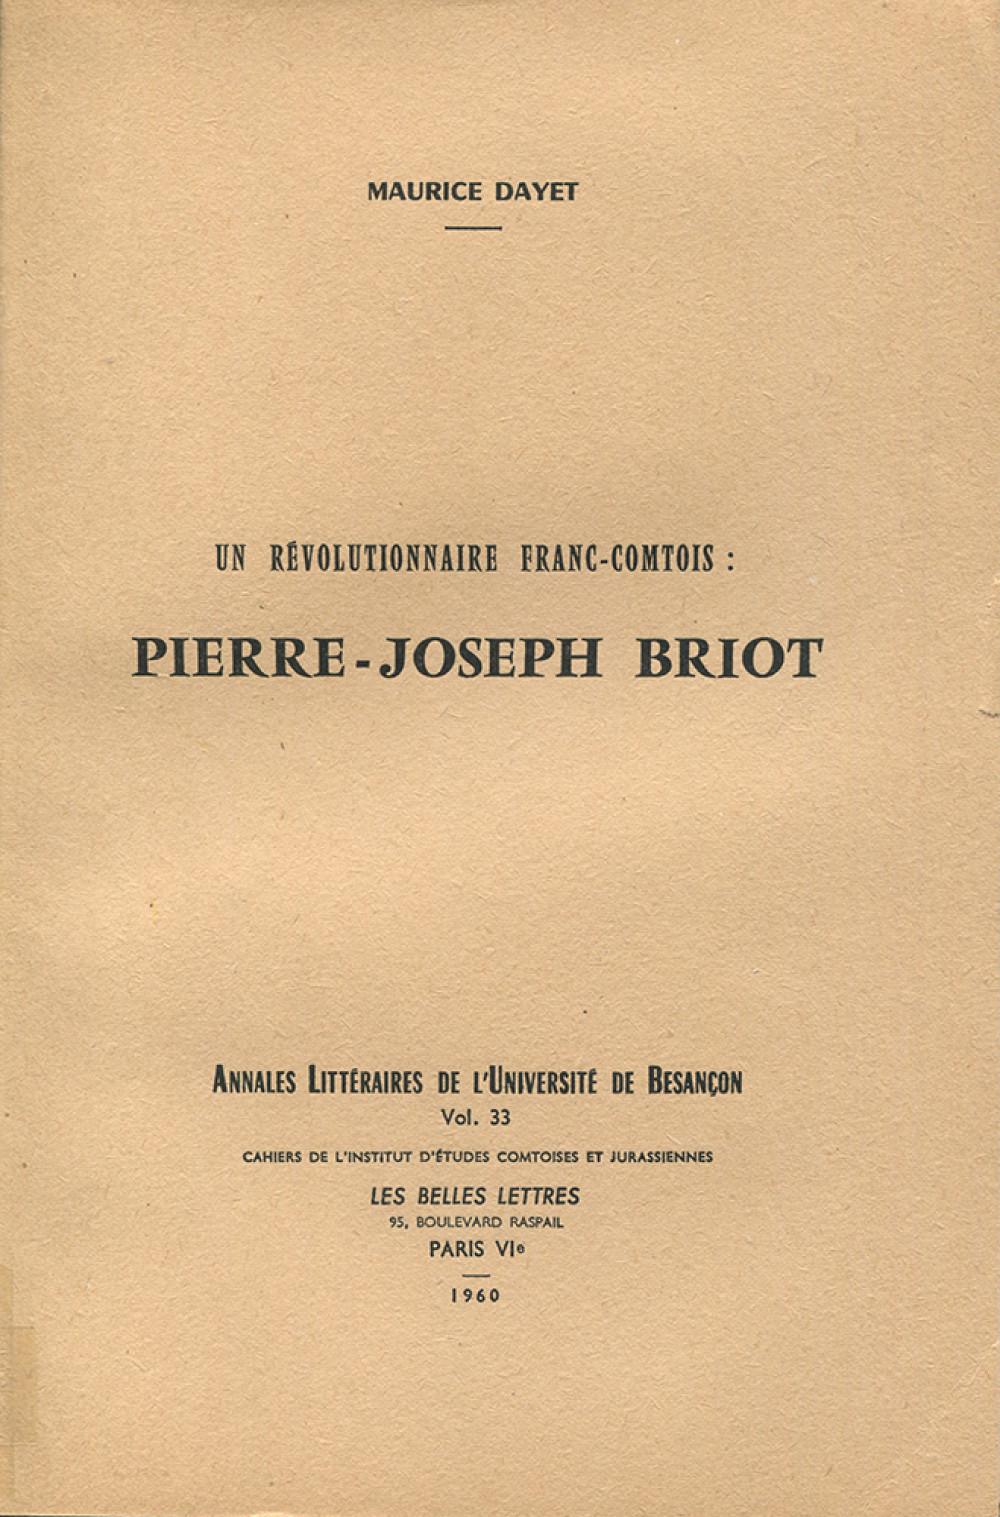 Un révolutionnaire franc-comtois : Pierre-Joseph Briot